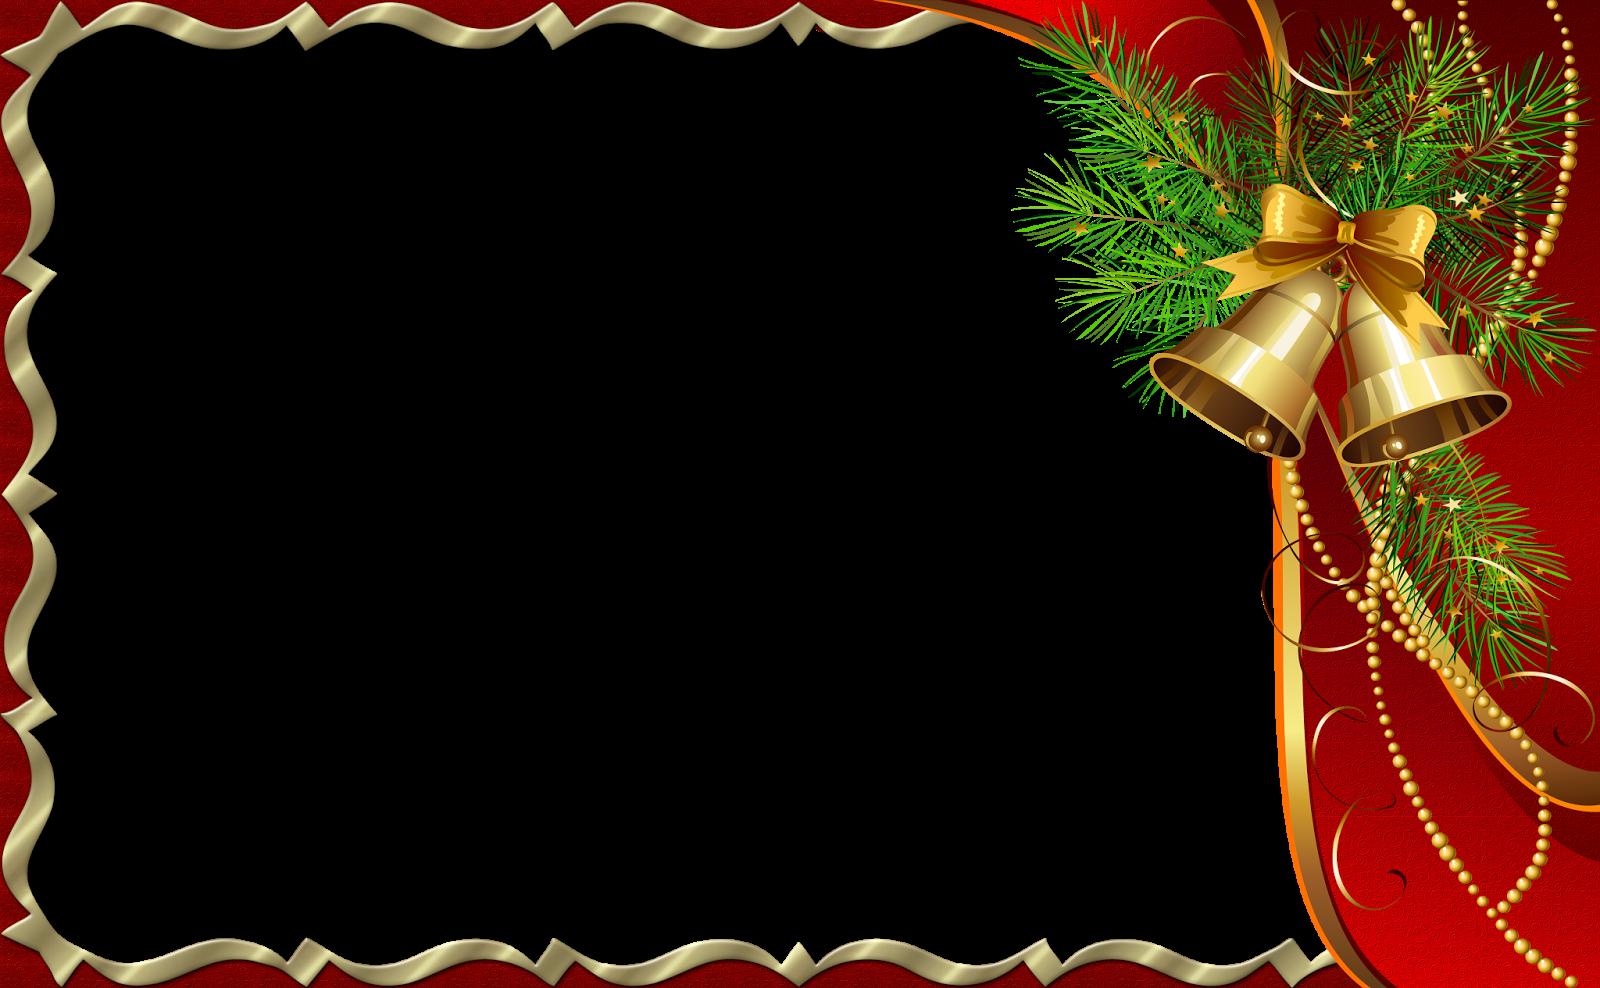 lindas imagenes de navidad